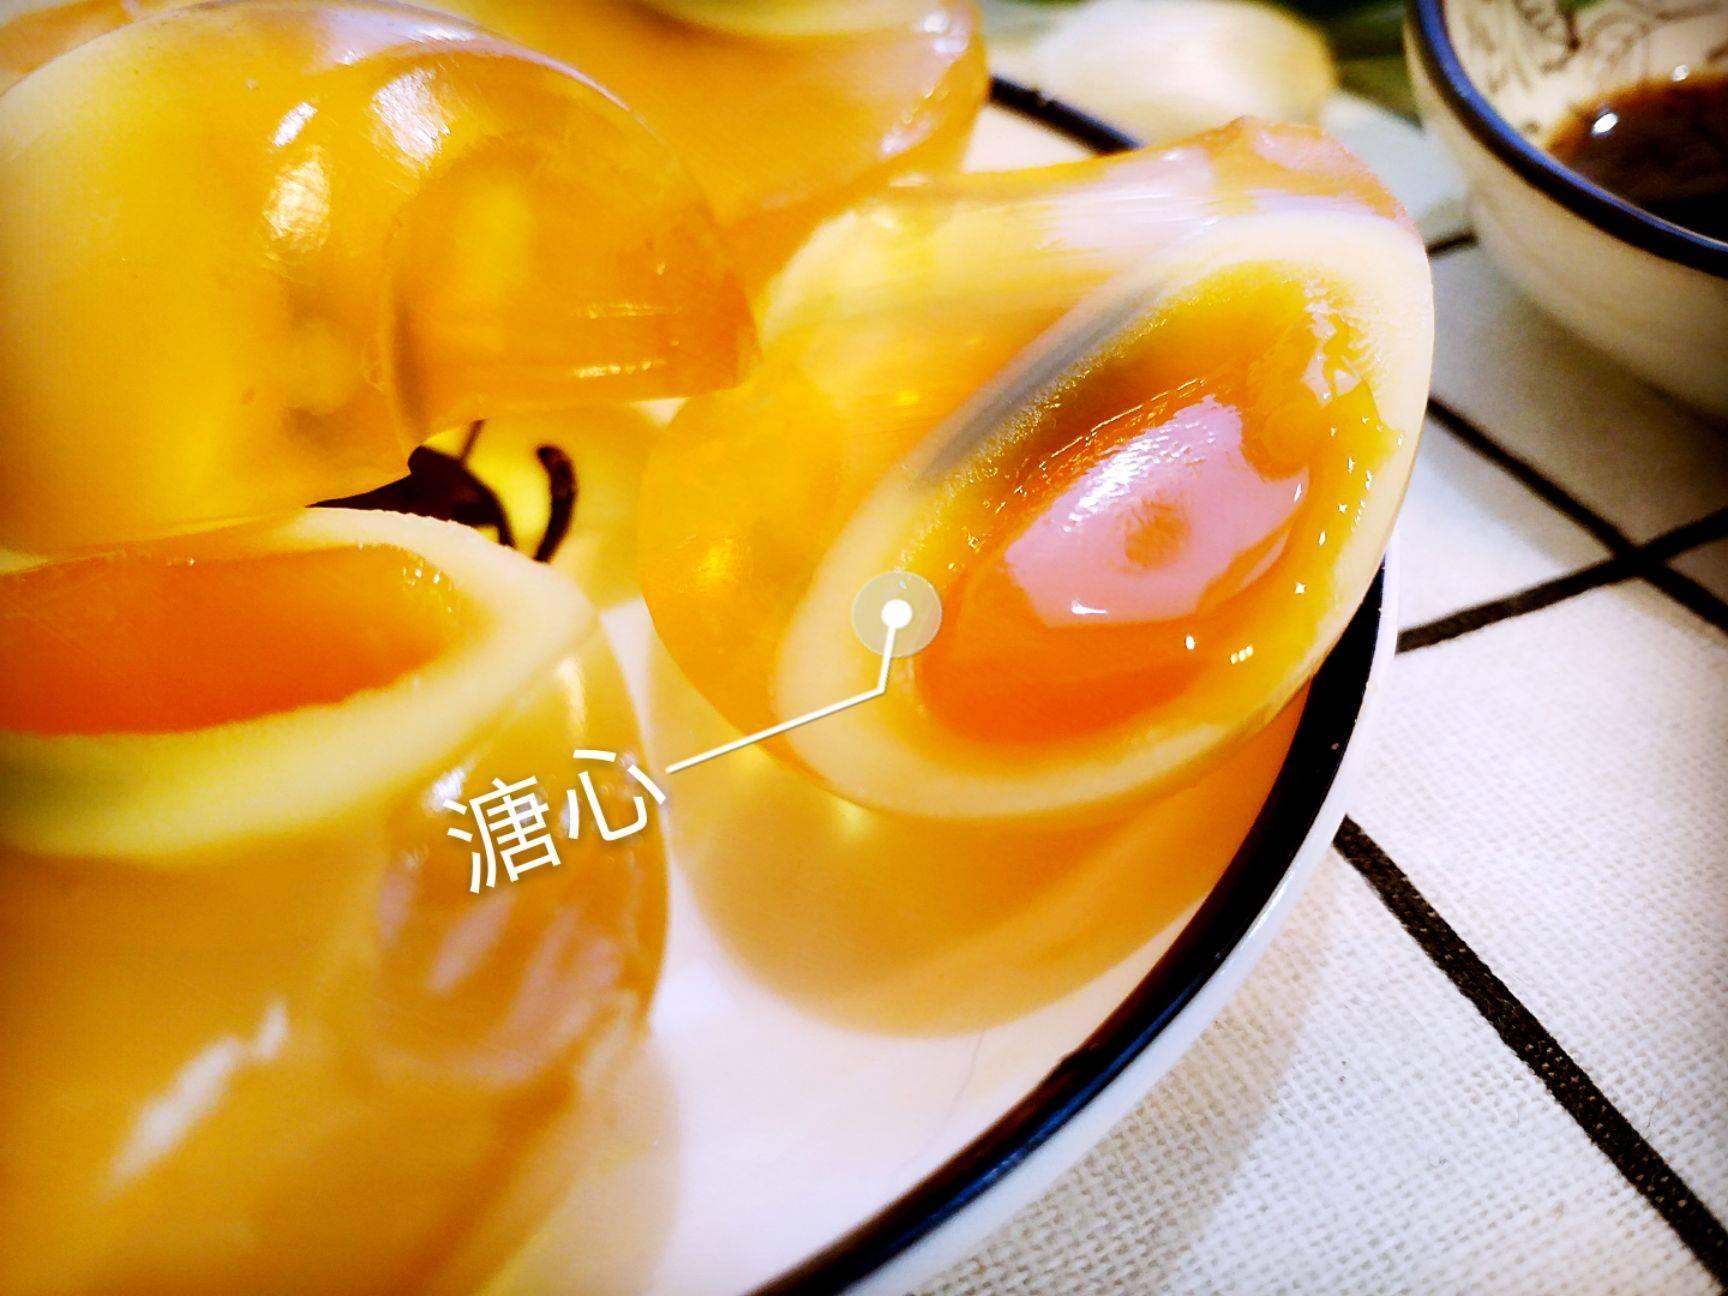 [无铅皮蛋批发] 农家手工变蛋溏心无铅皮蛋松花蛋糖心变鸡蛋安徽特产30枚包邮价格36.9元/箱